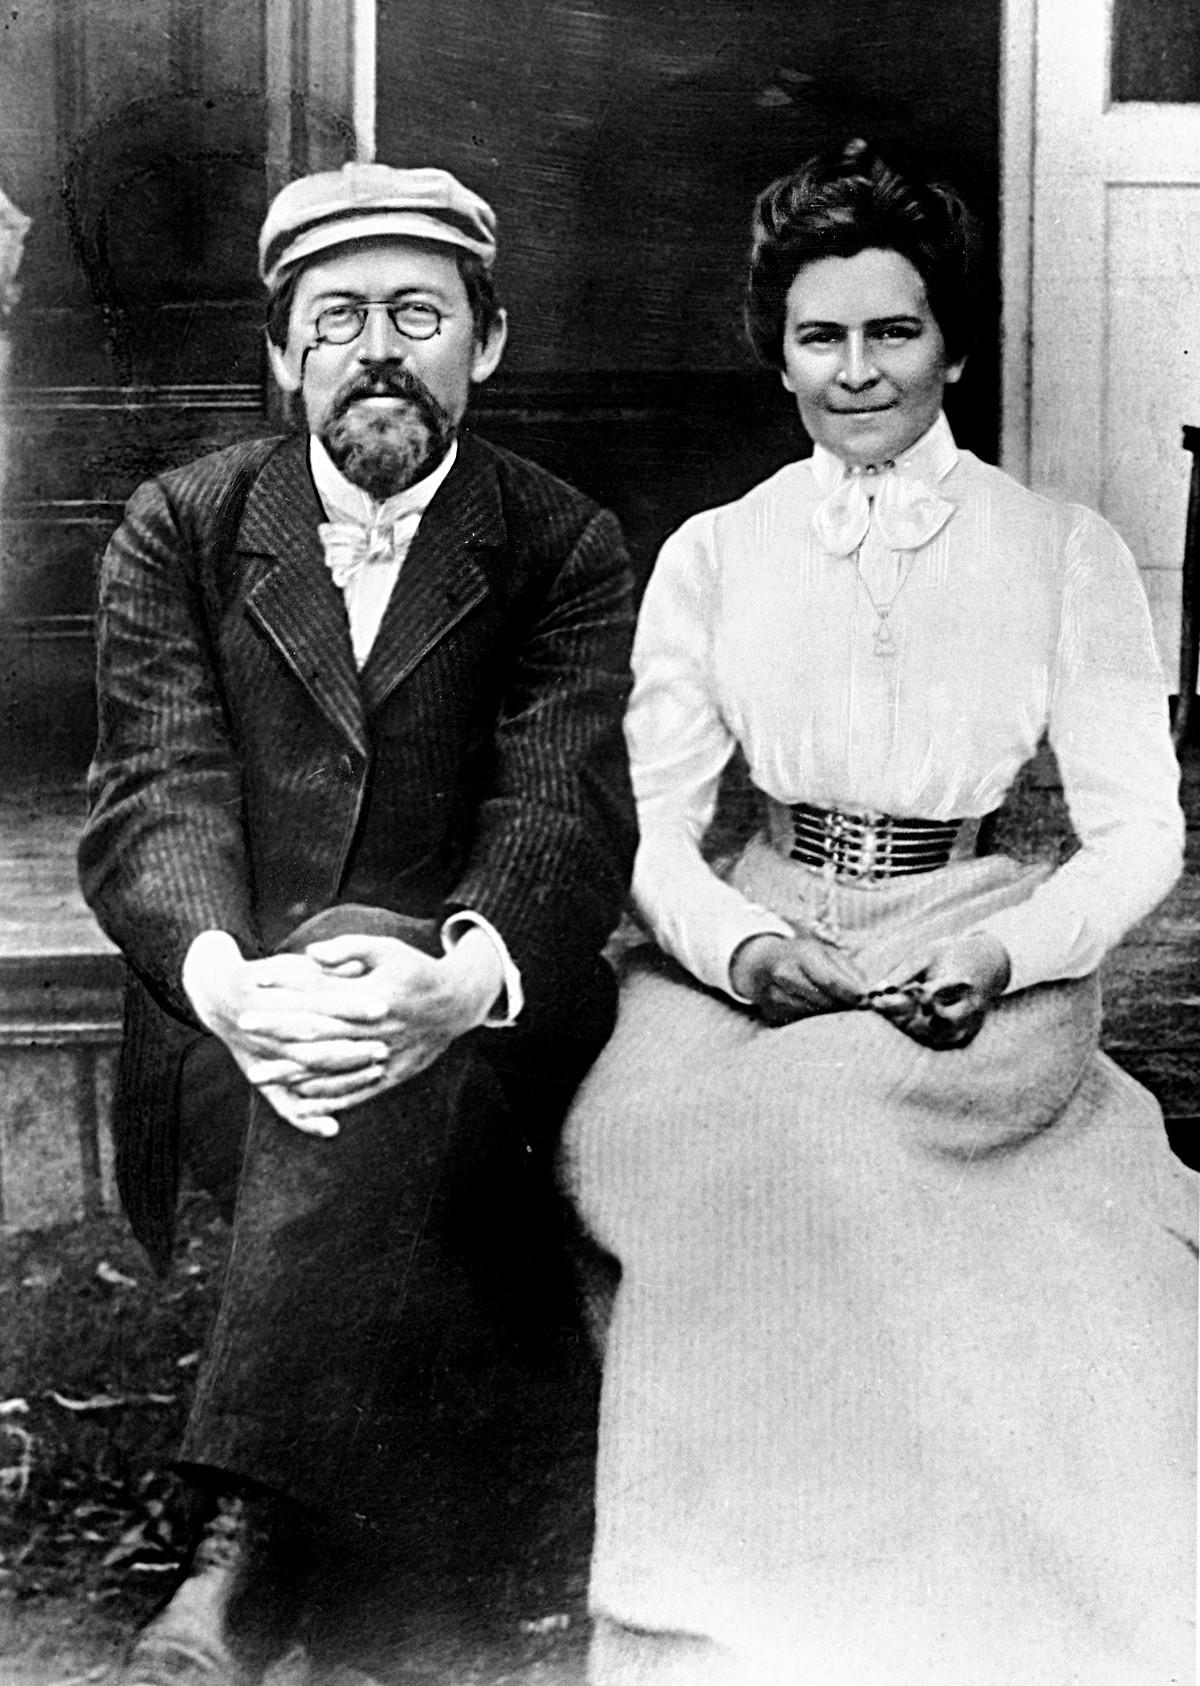 Репродукция фотографии писателя Антона Чехова и его жены – актрисы Ольги Книппер-Чеховой